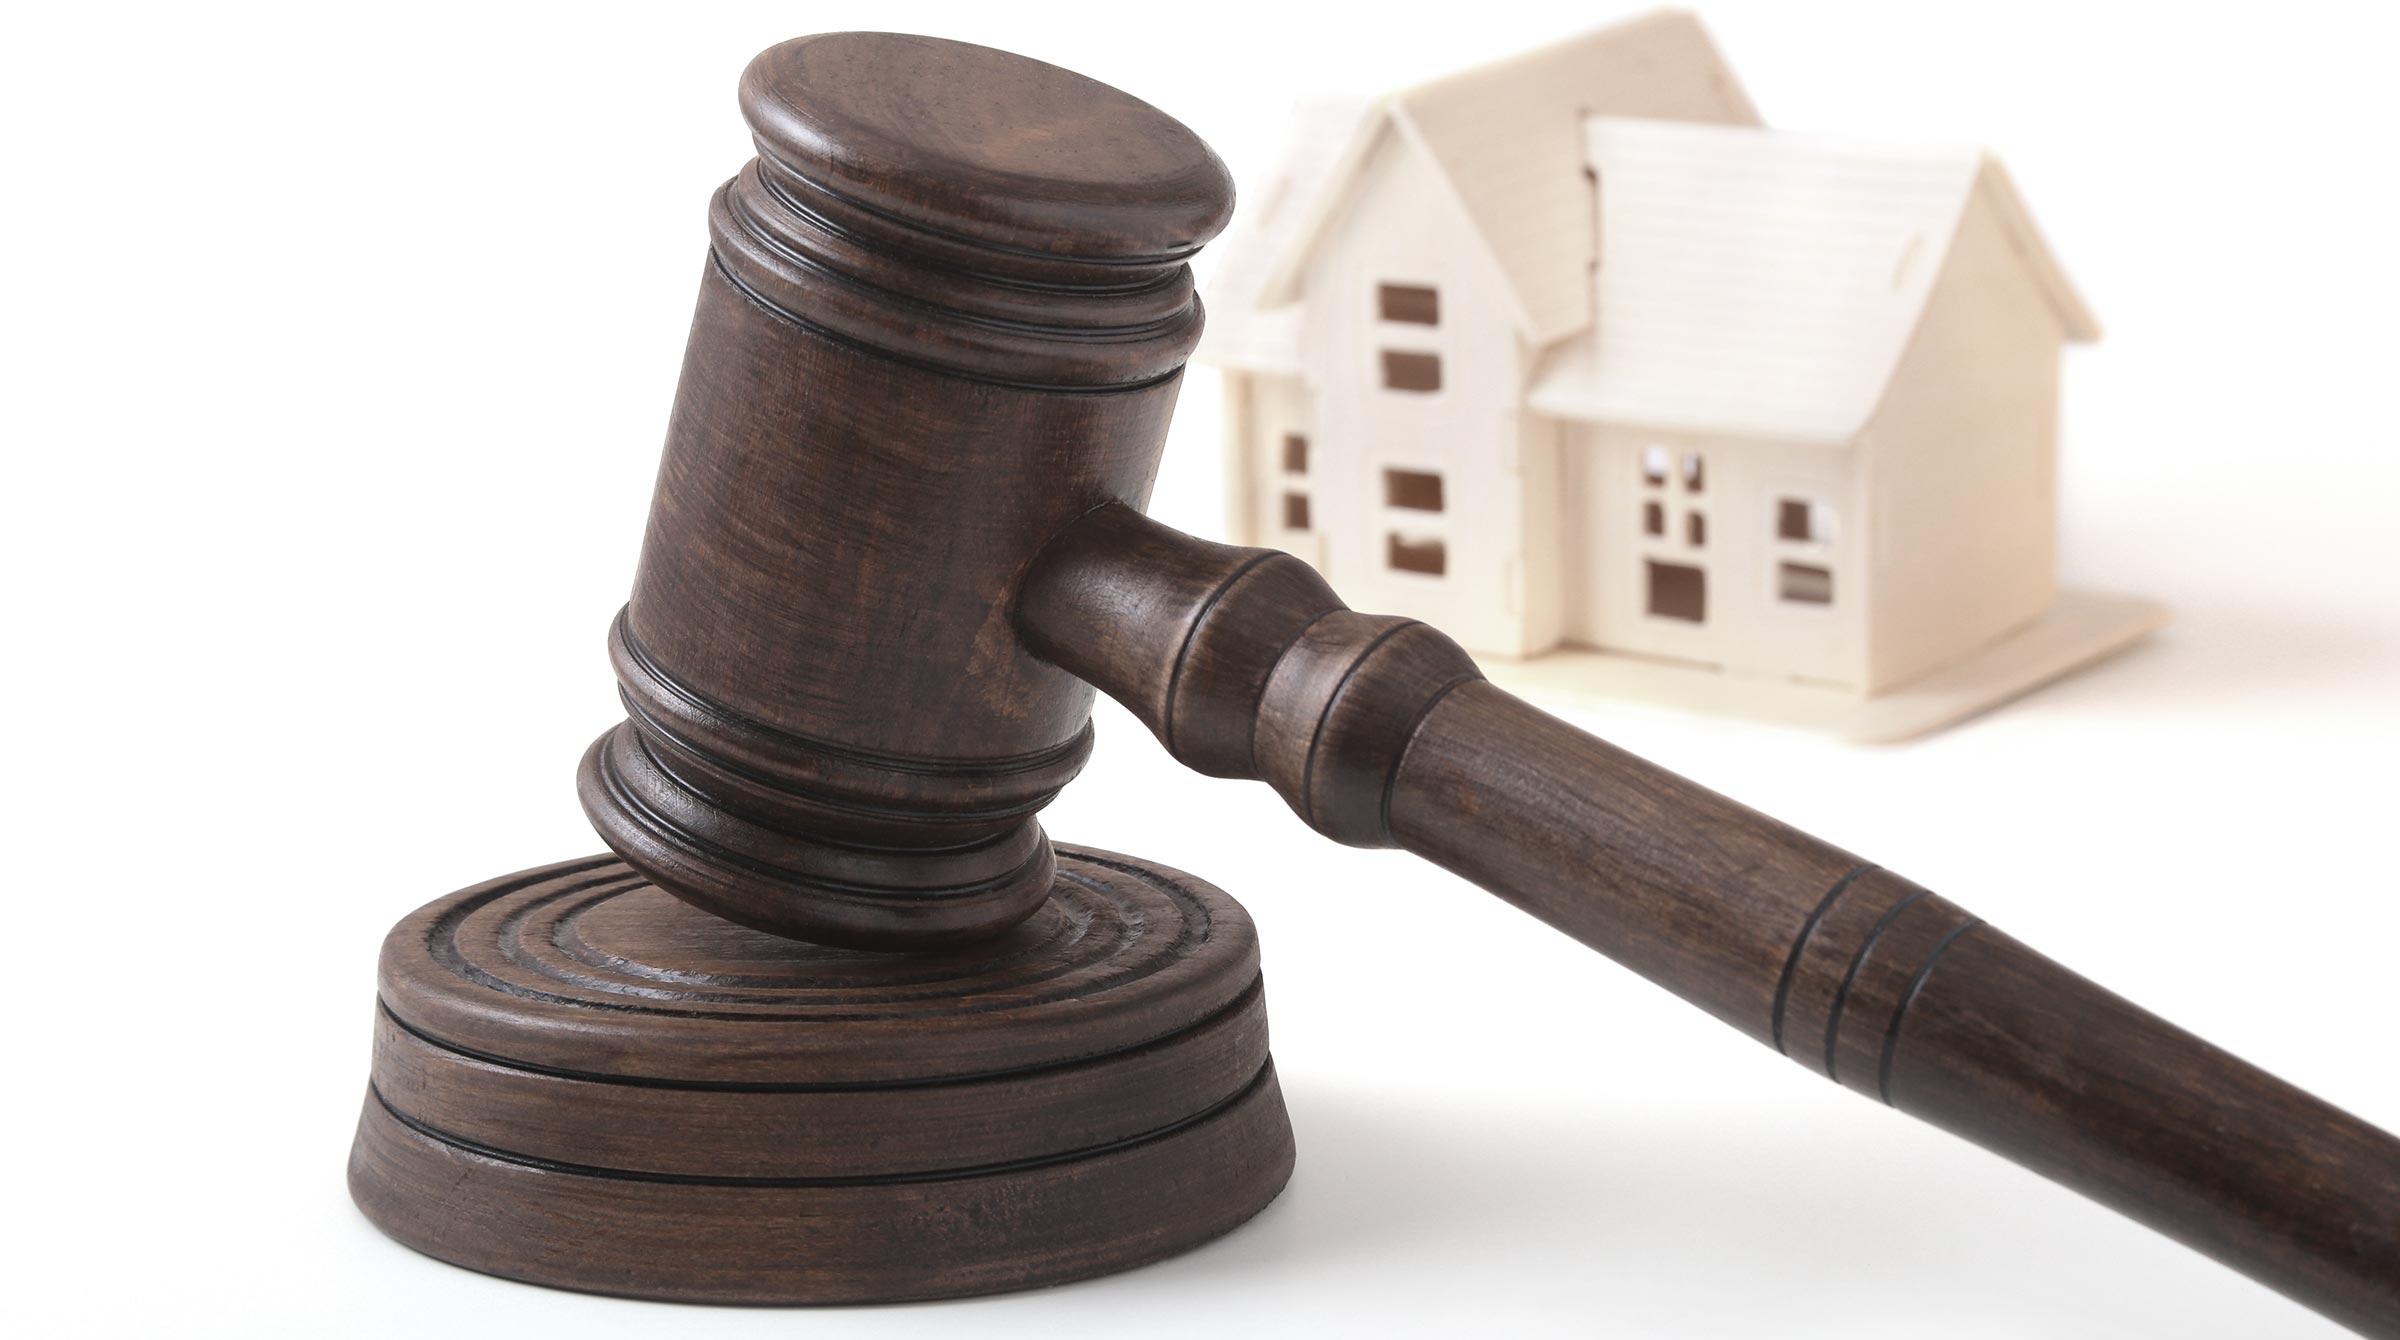 Introbild Scheidung mit Haus